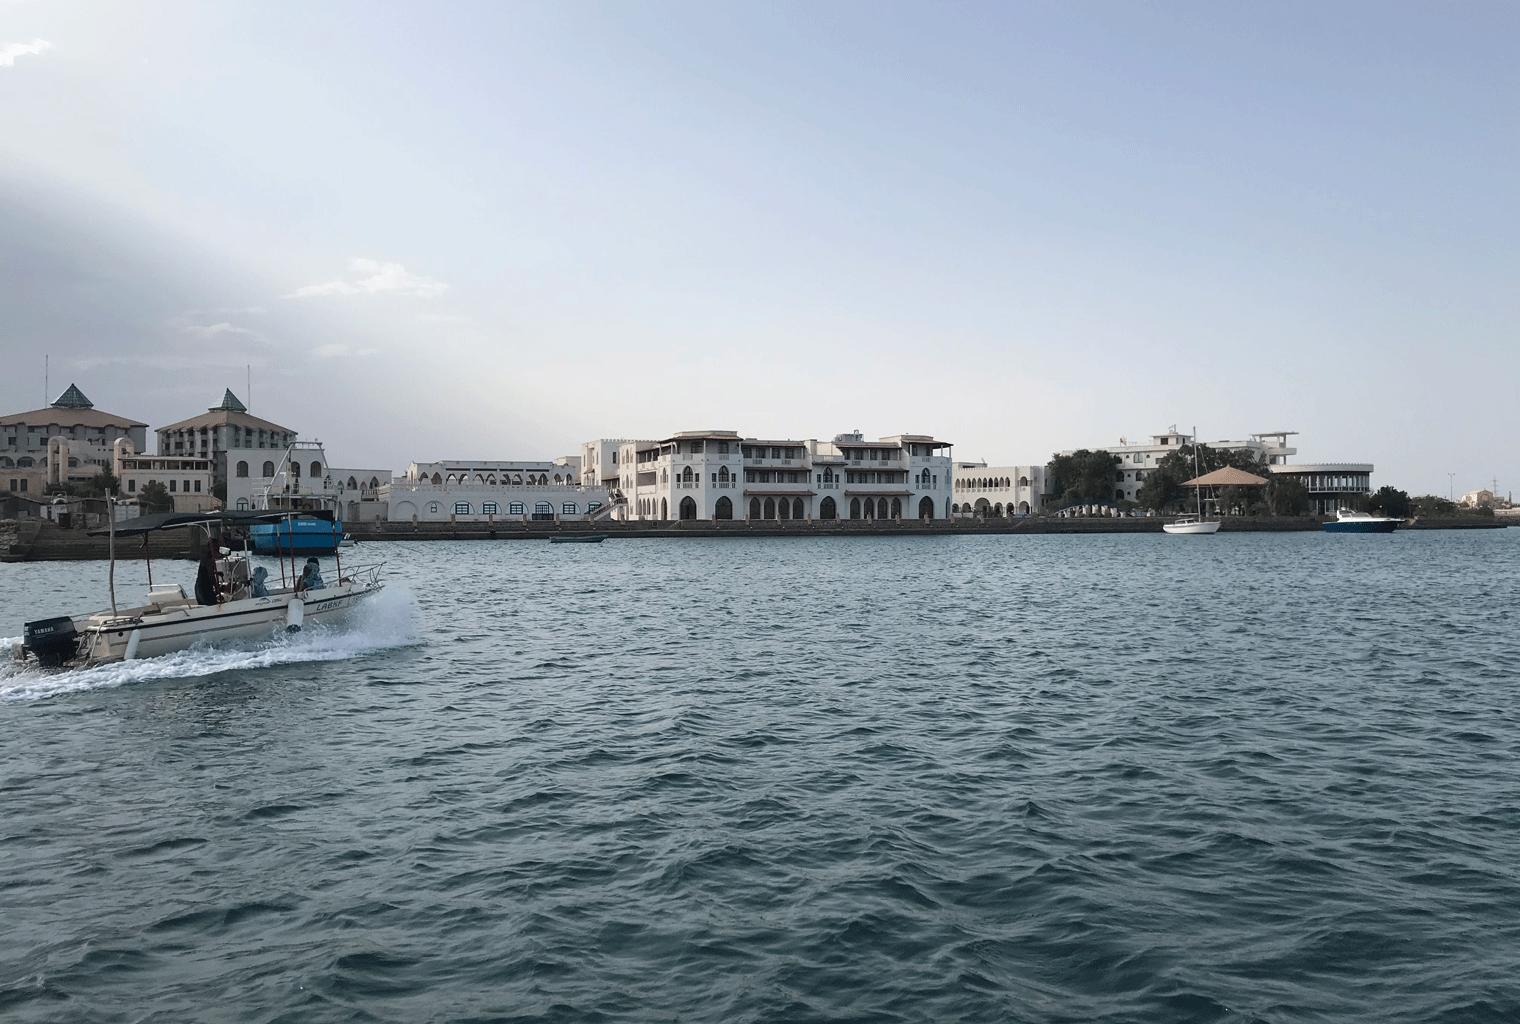 Eritrea-Dahlak-Archipelago-Coast